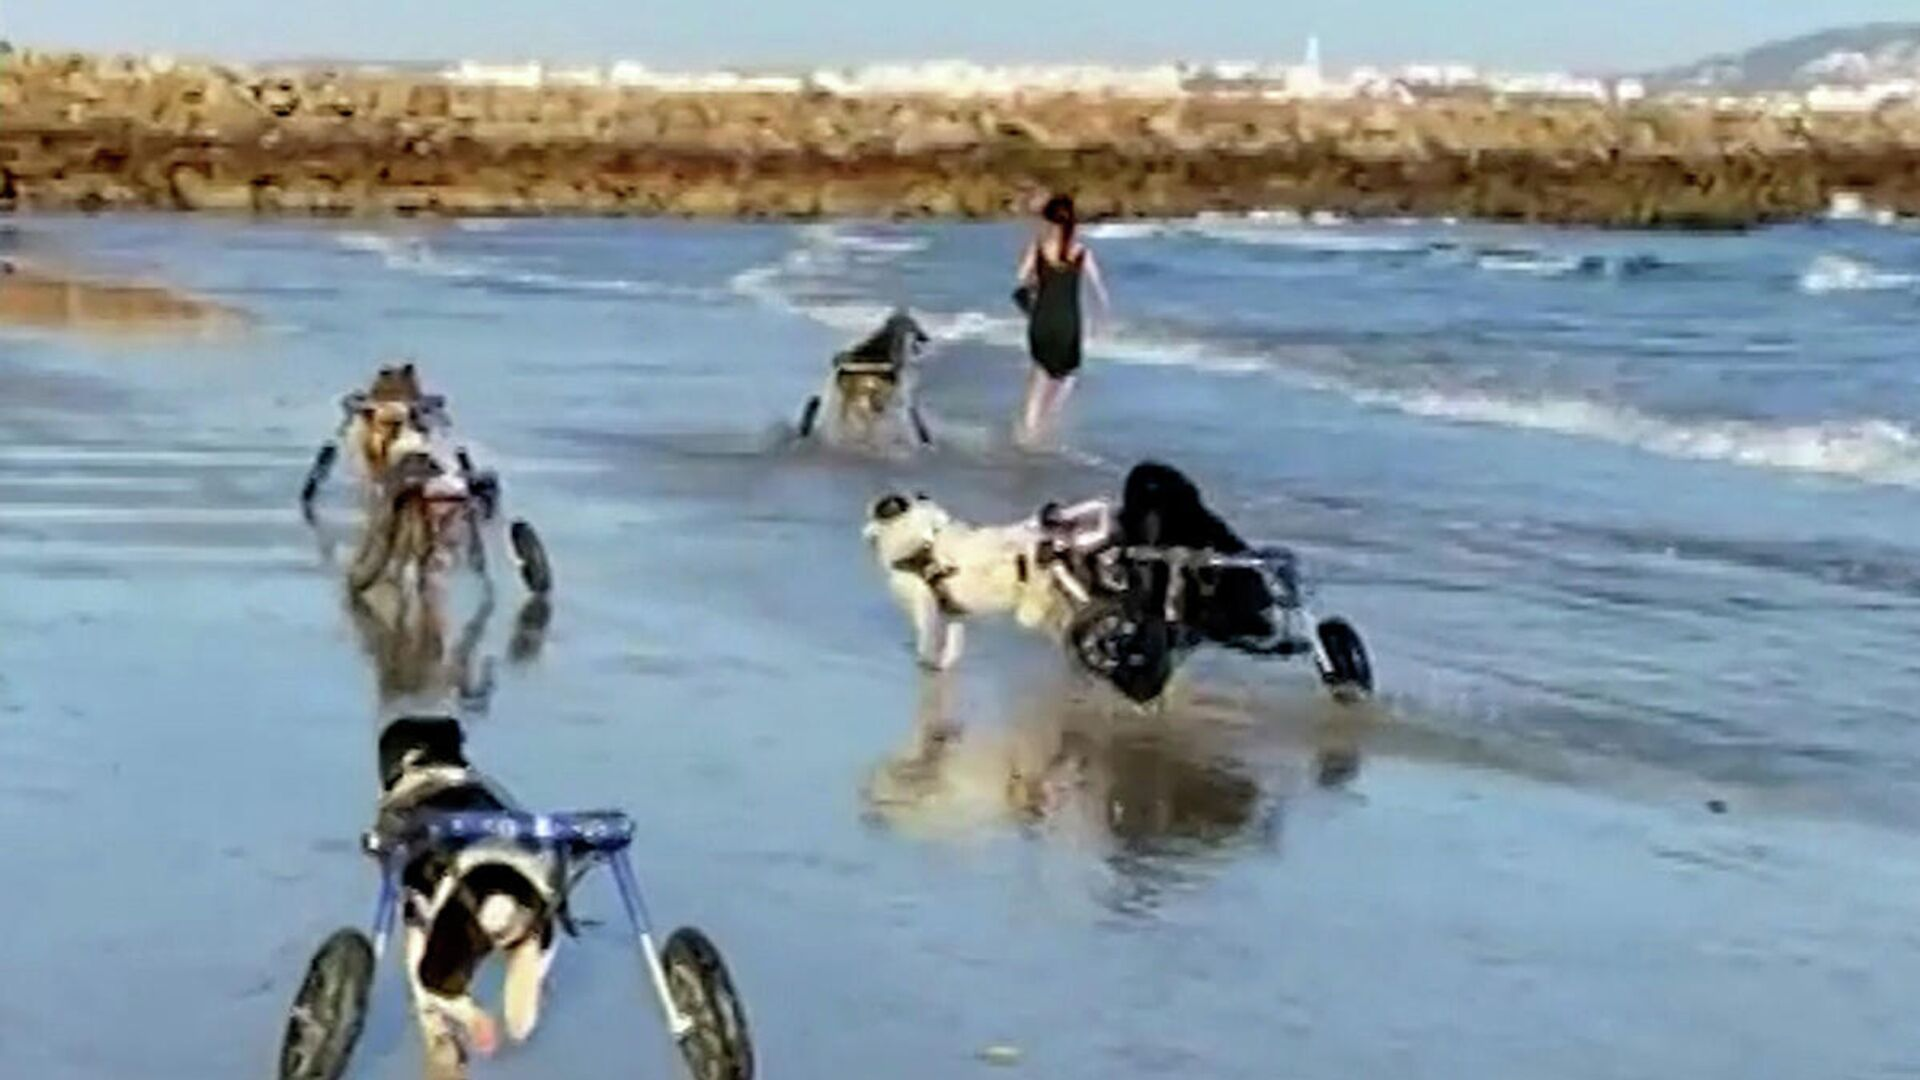 Σκύλοι με ειδικές ανάγκες απολαμβάνουν την πρώτη τους βόλτα με τα καινούρια τους αναπηρικά αμαξίδια - Sputnik Ελλάδα, 1920, 05.10.2021